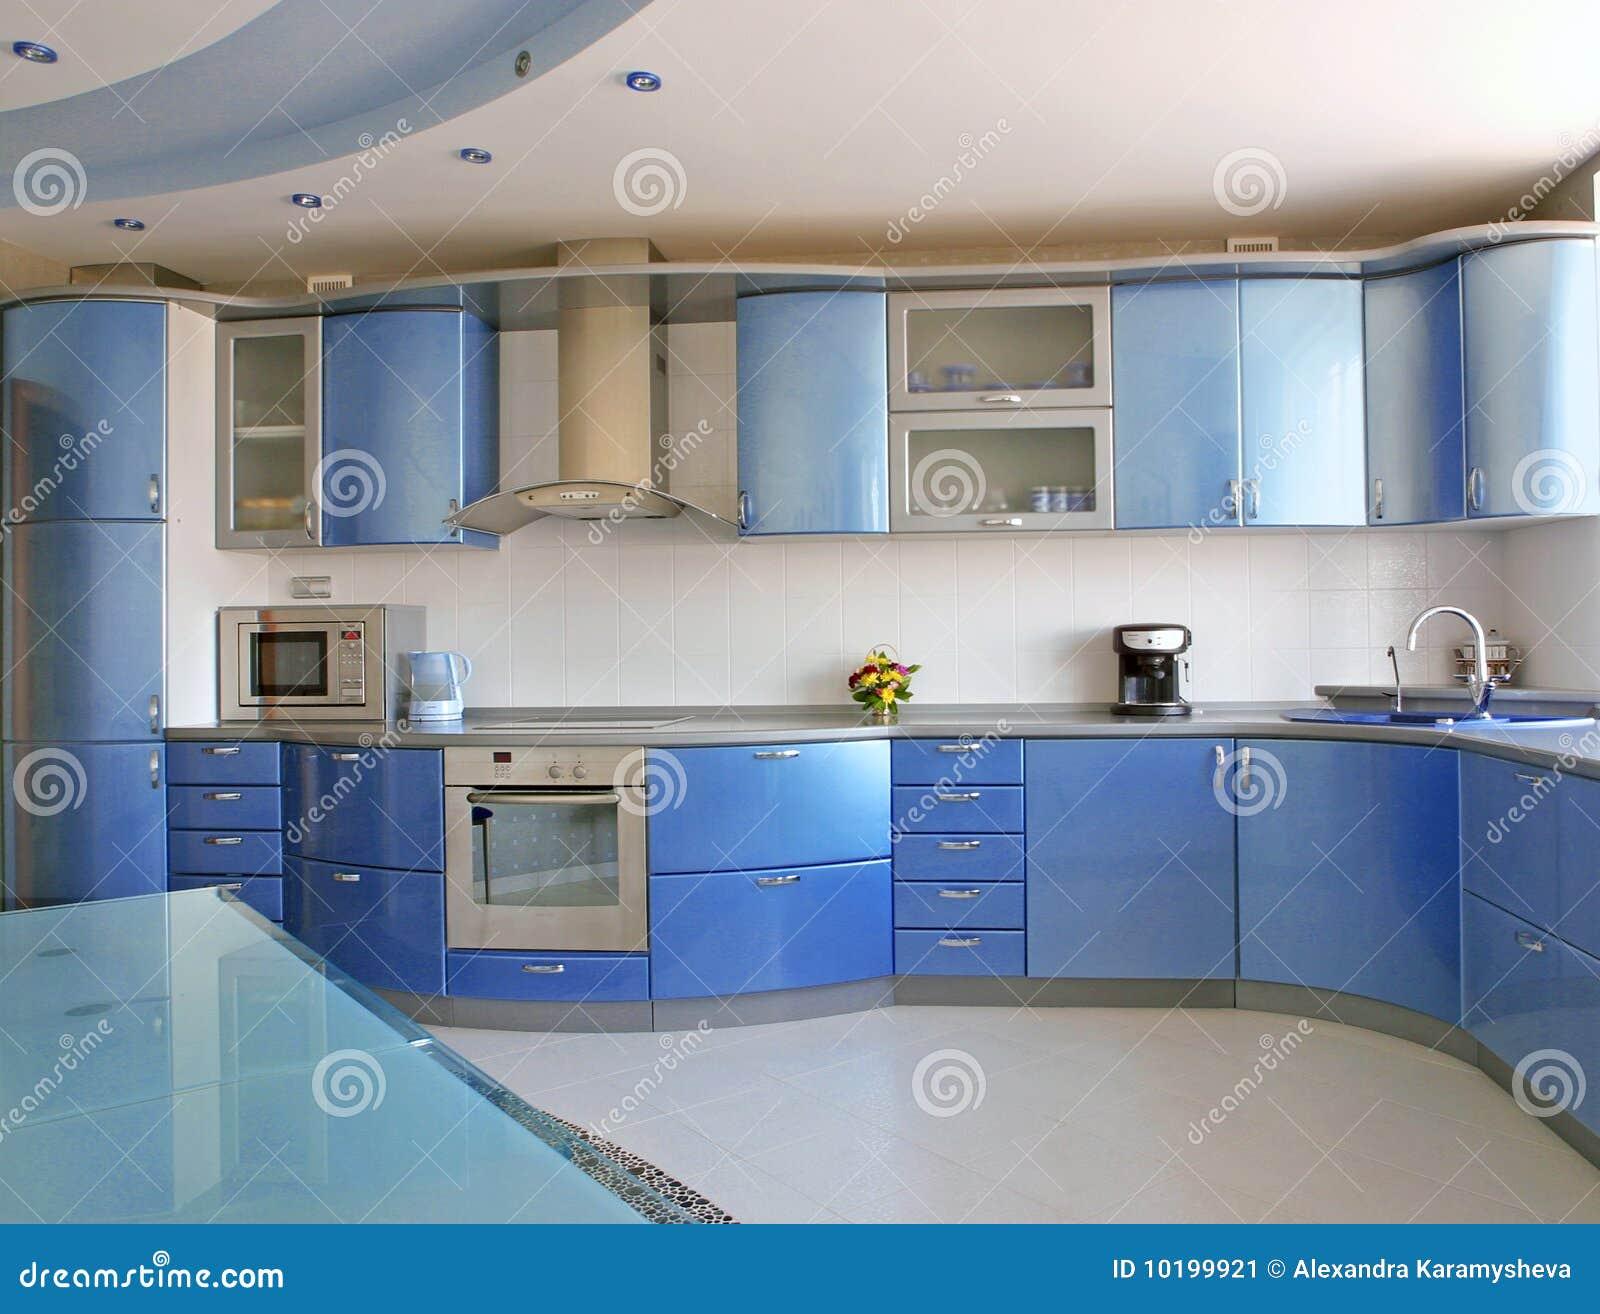 Nett Teal Blau Küchen Bilder - Ideen Für Die Küche Dekoration ...